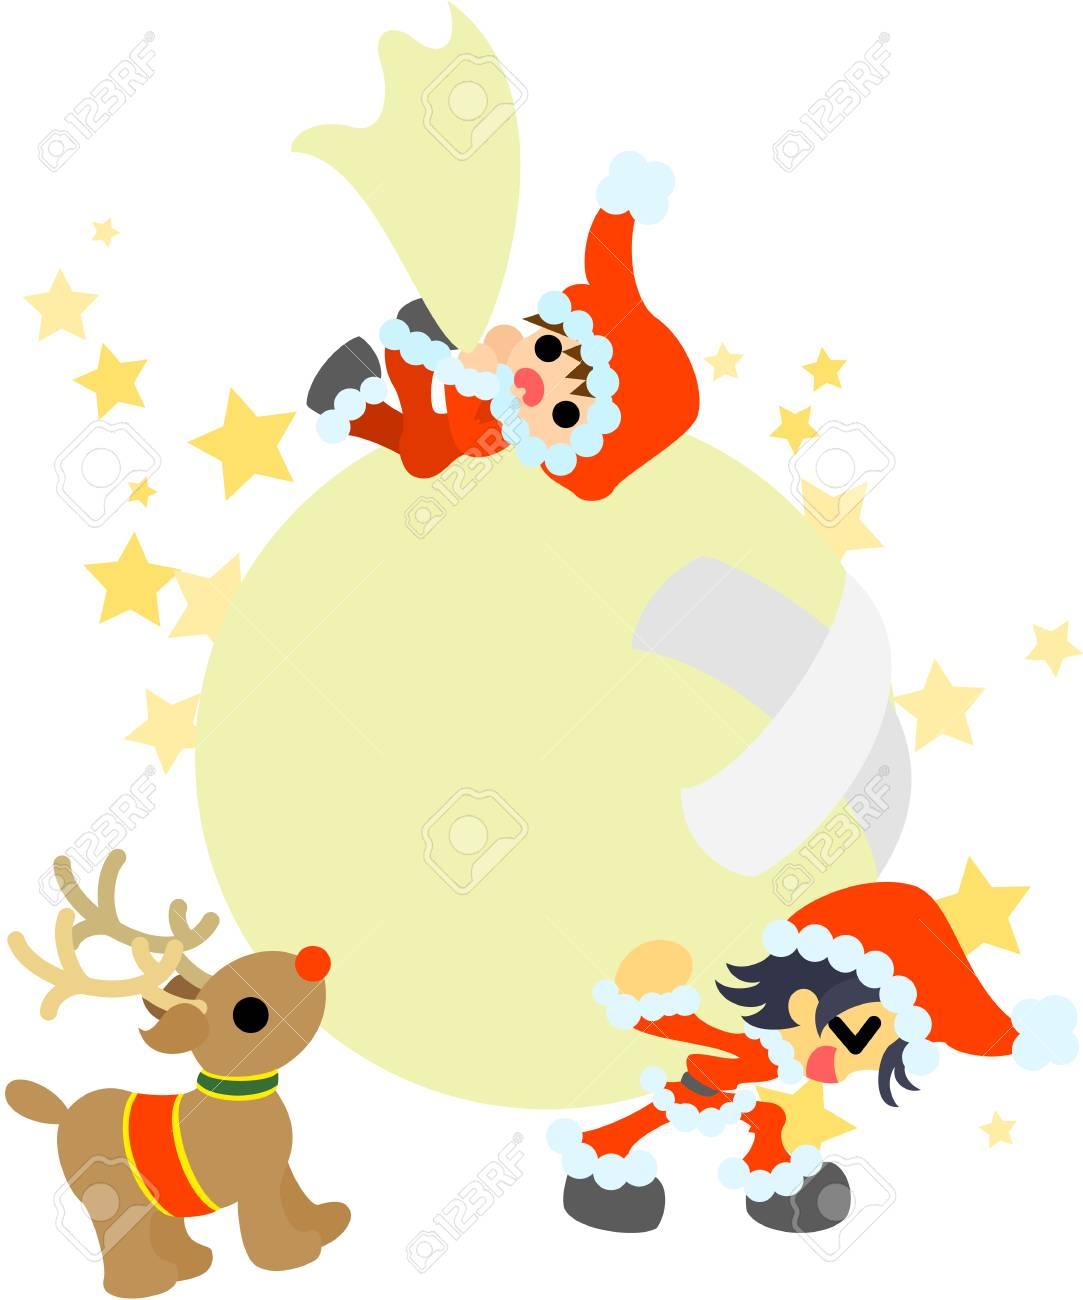 Foto Di Babbo Natale Per Bambini.I Bambini Che Hanno Fatto Figure Di Babbo Natale Detengono Il Big Bag Che E Ricco Di Regali Di Natale